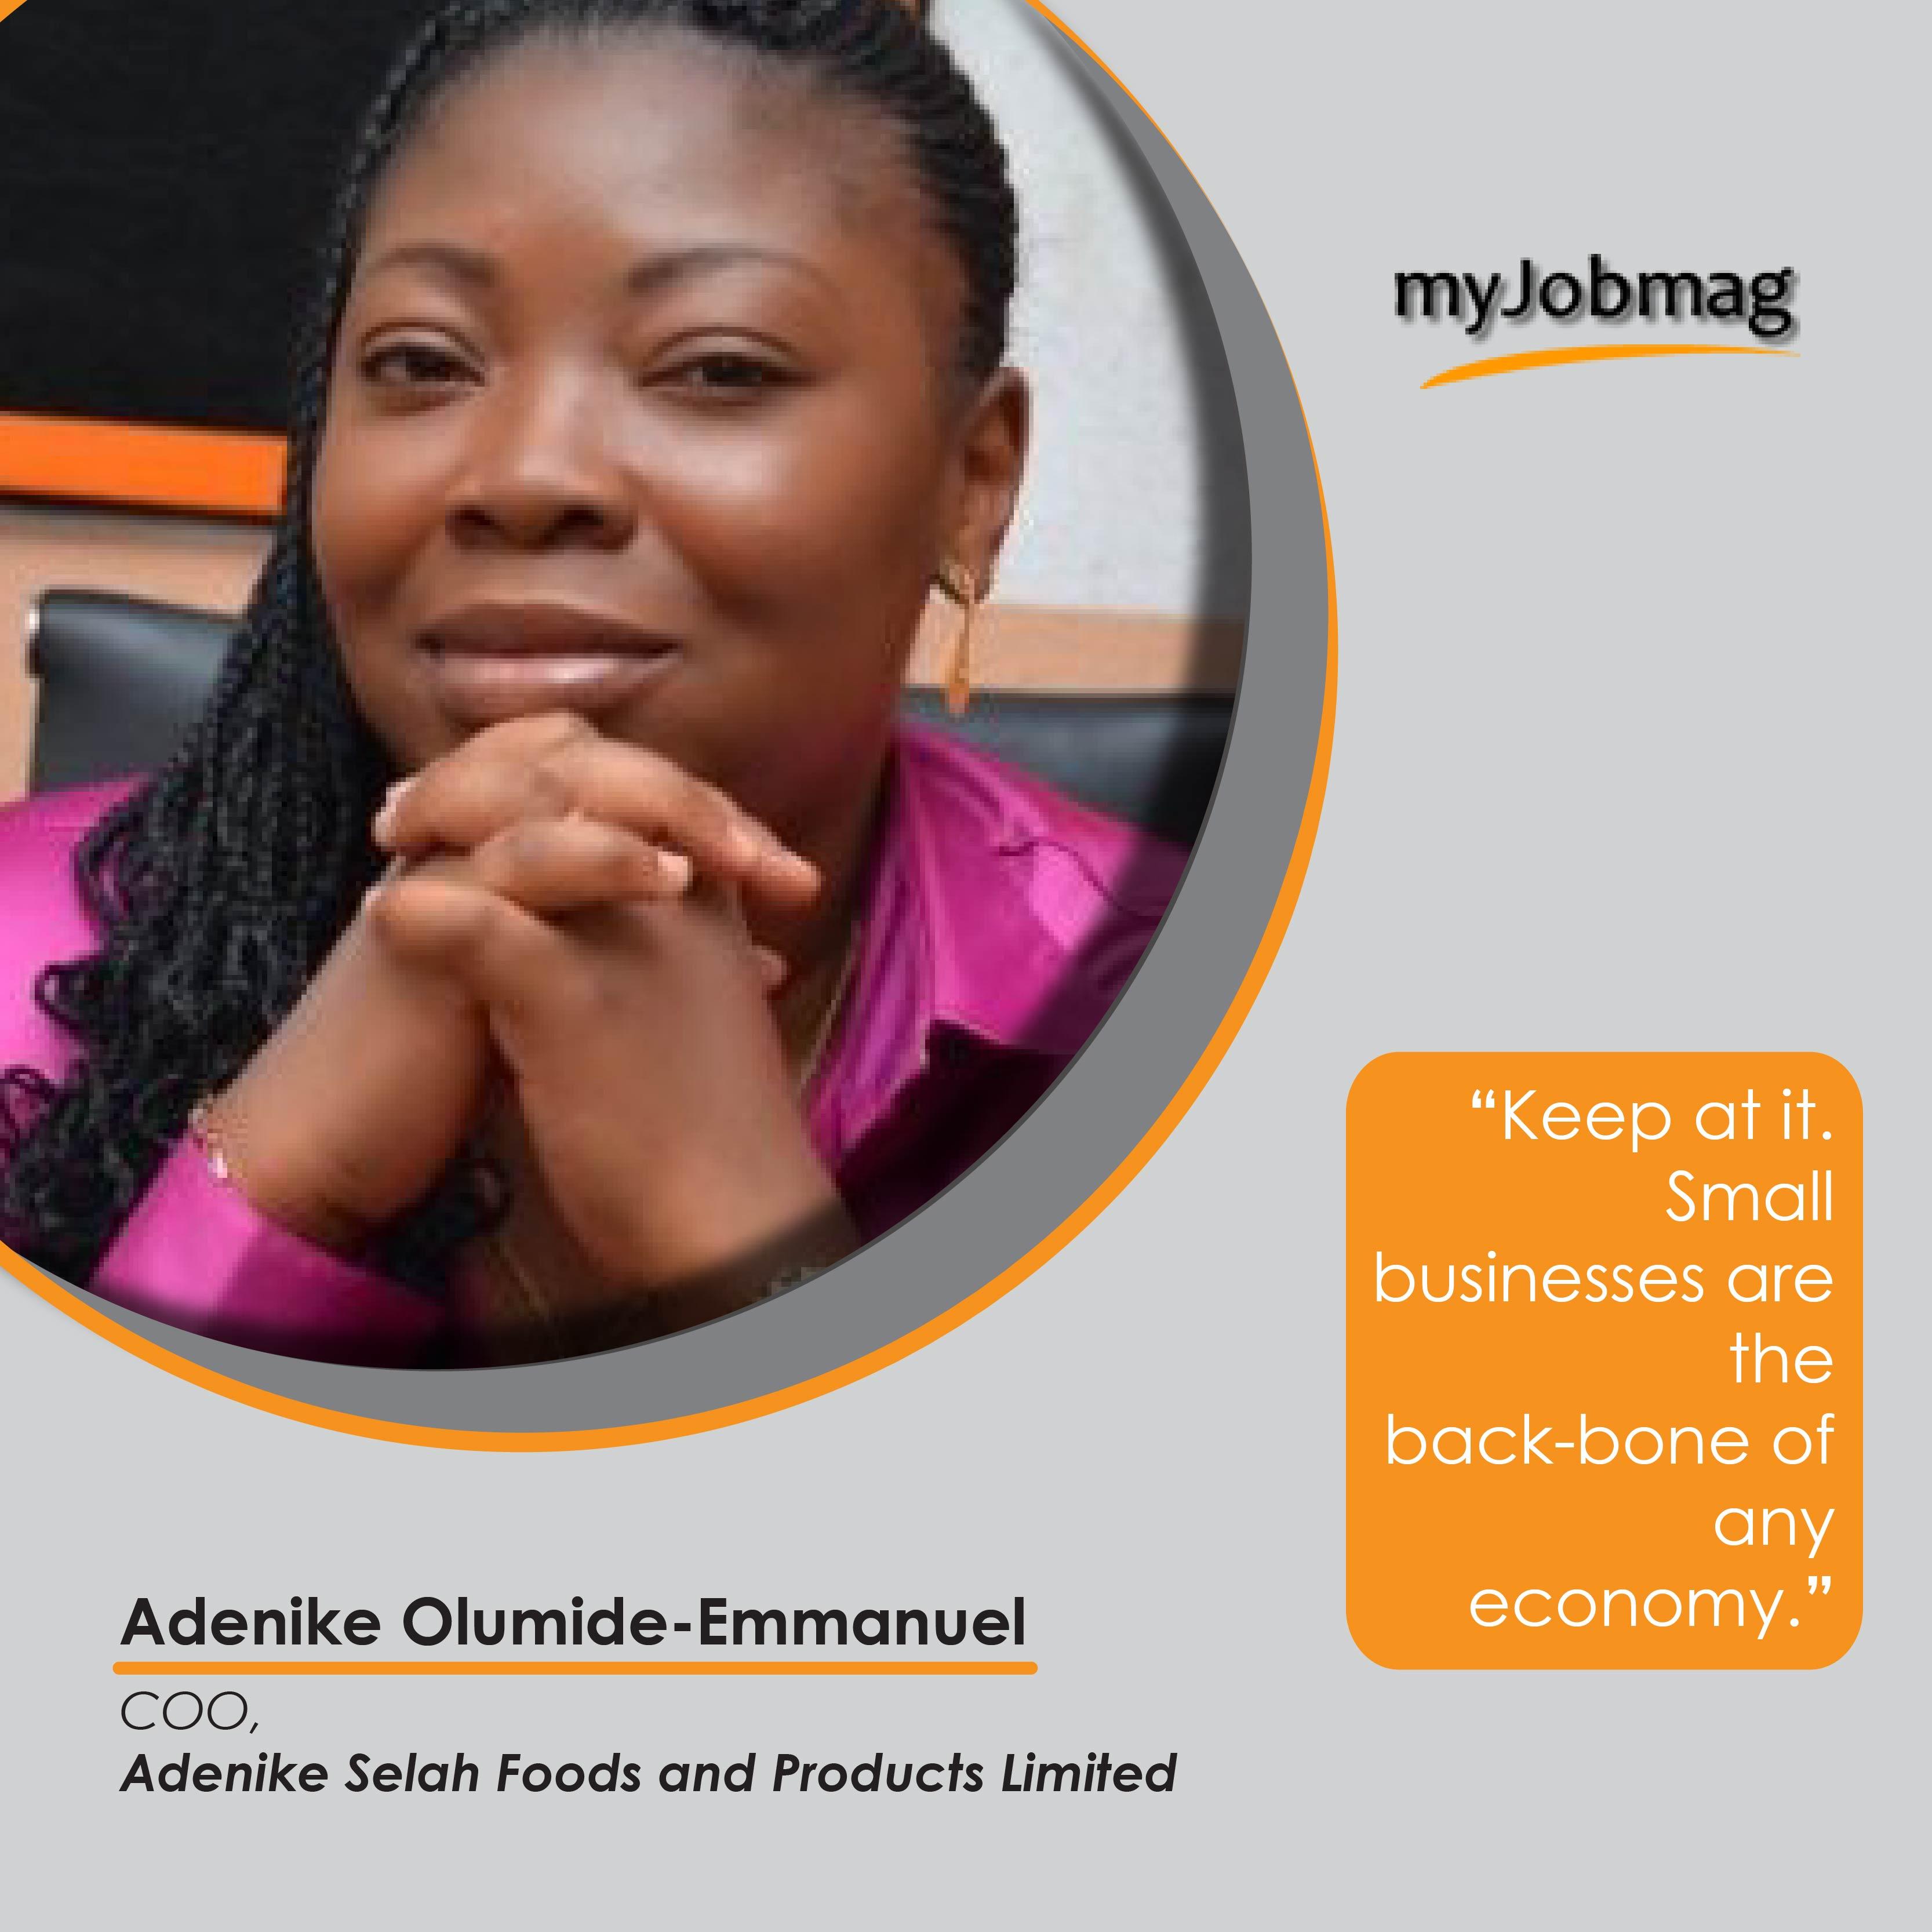 Adenike Olumide Emmanuel career advice MyJobMag